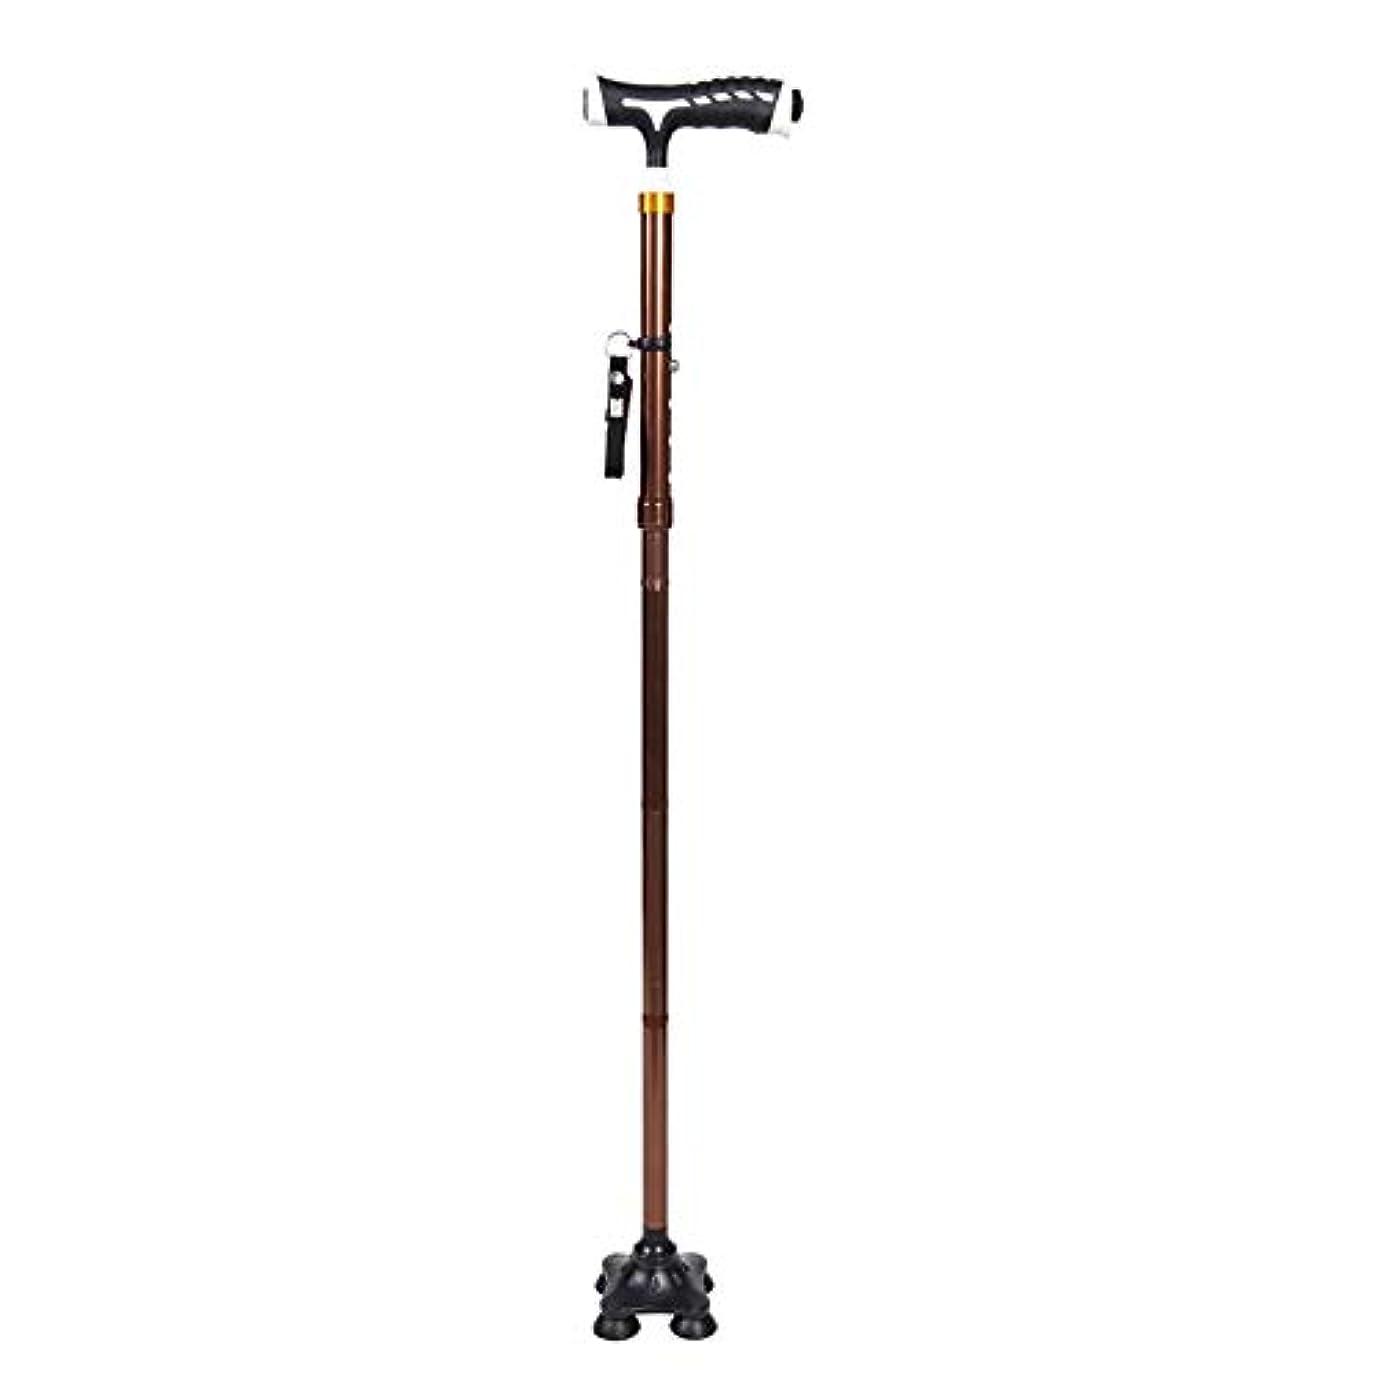 行メロン中にLEDライト付き折りたたみ式杖(バッテリーなし)収納バッグ付きポータブルウォーキングスティック5調整可能な高さレベル(80-90cm)松葉杖旅行家族病院用屋外 (色 : Bronze)